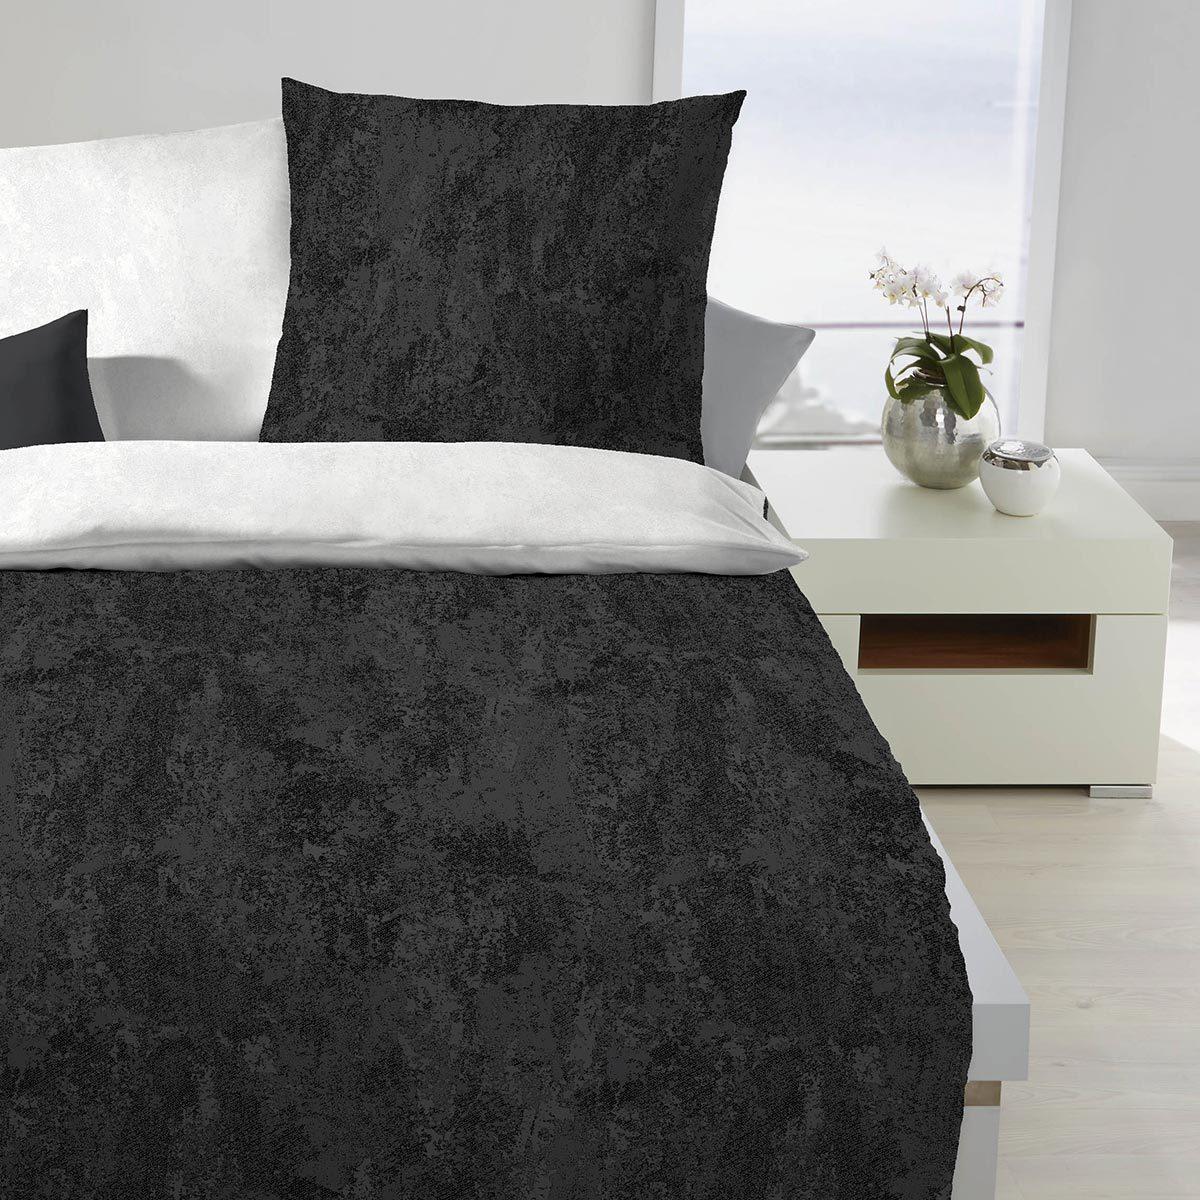 Bettwarenshop Mako Satin Bettwäsche Texture Schwarz Günstig Online